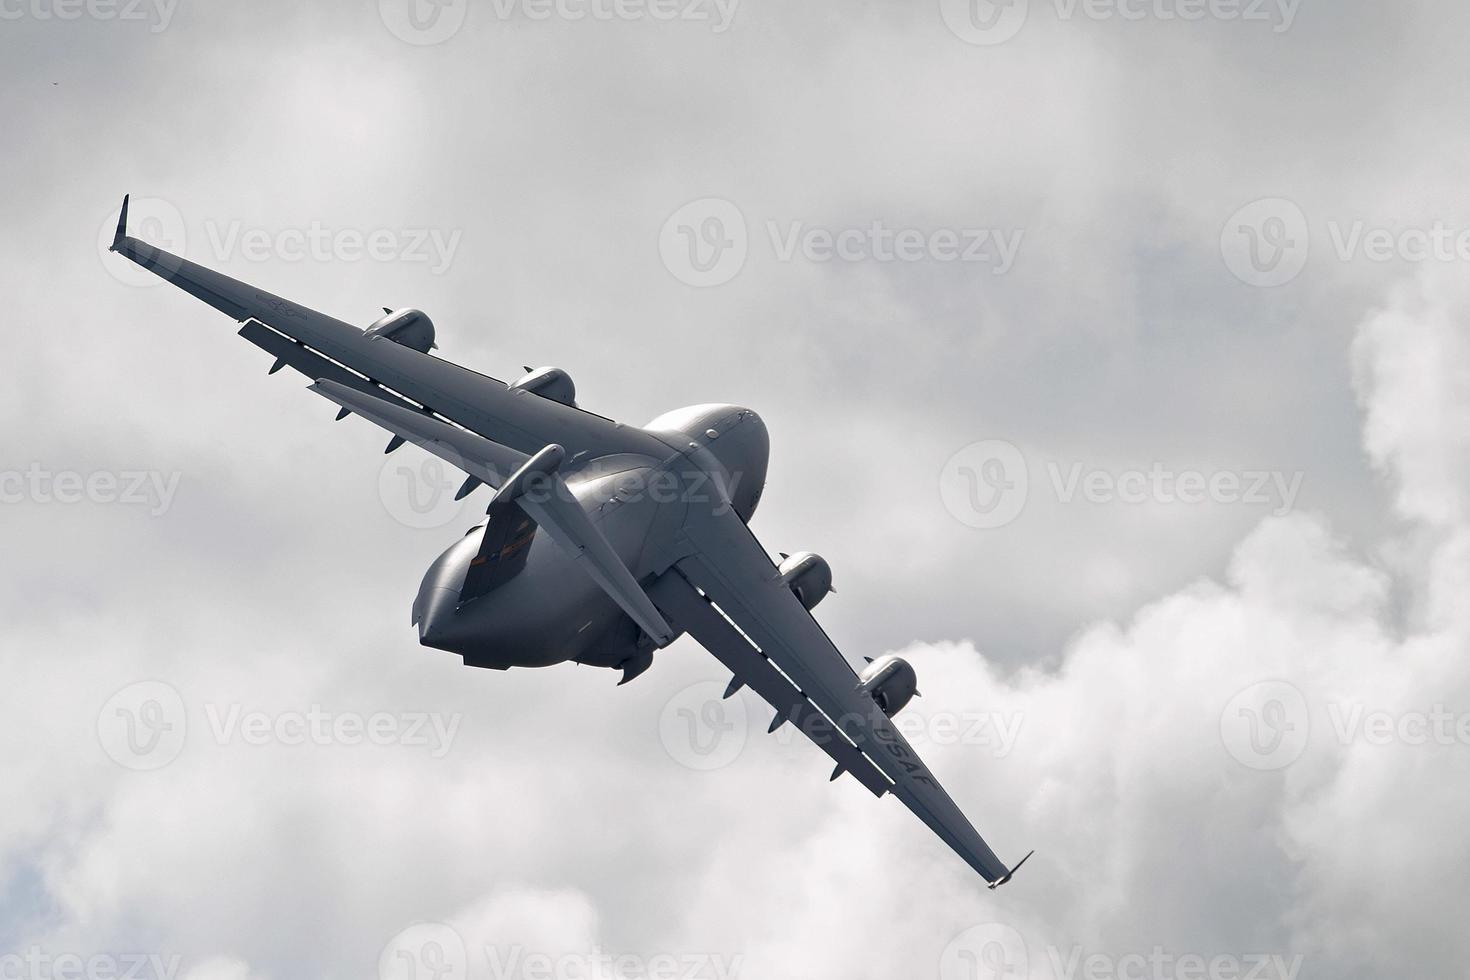 C-17 Globemaster III photo